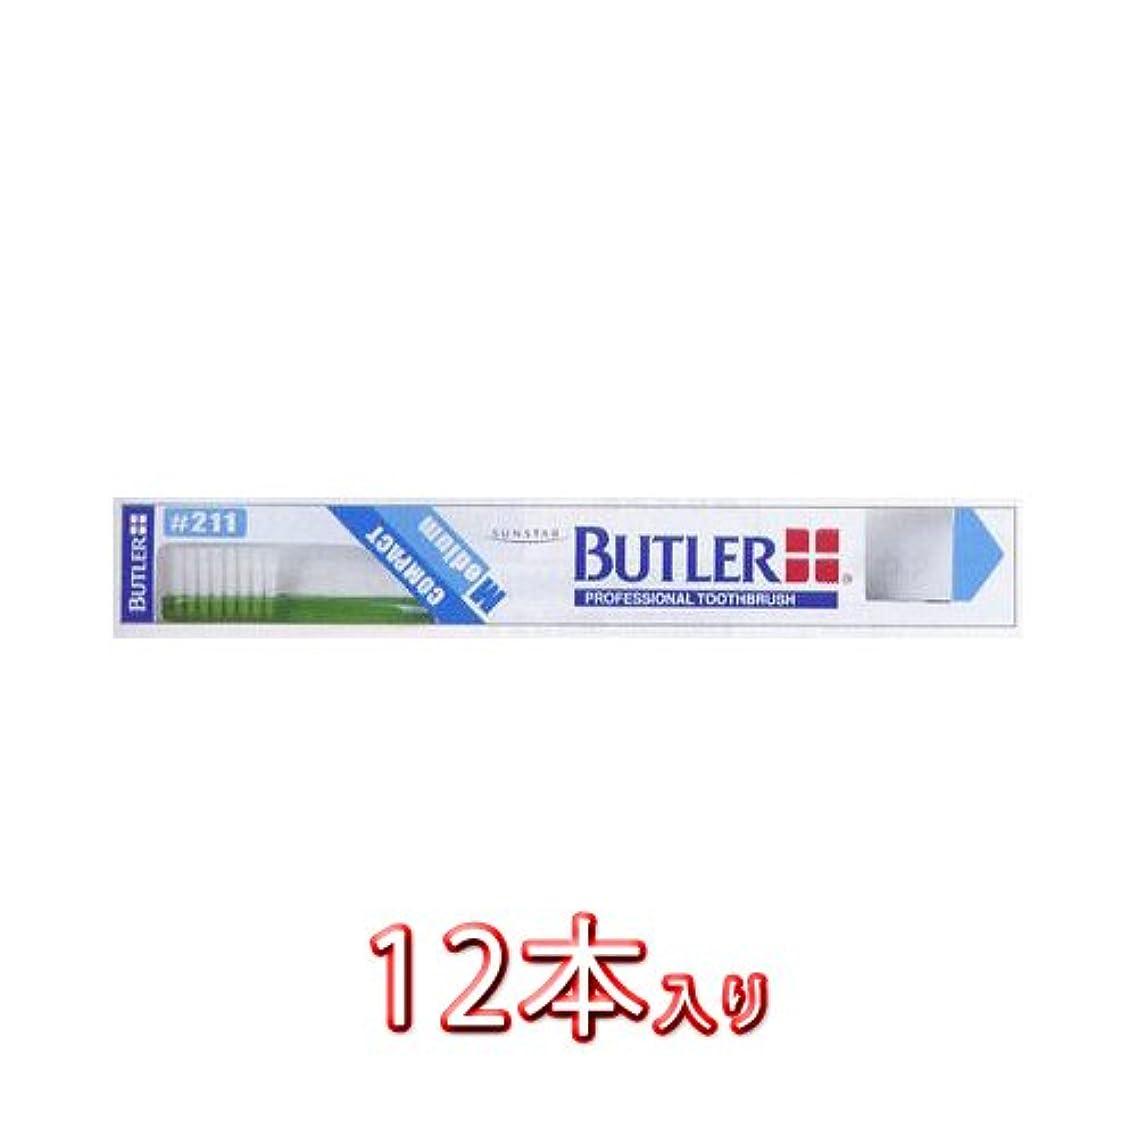 バトラー 歯ブラシ #211 12本入